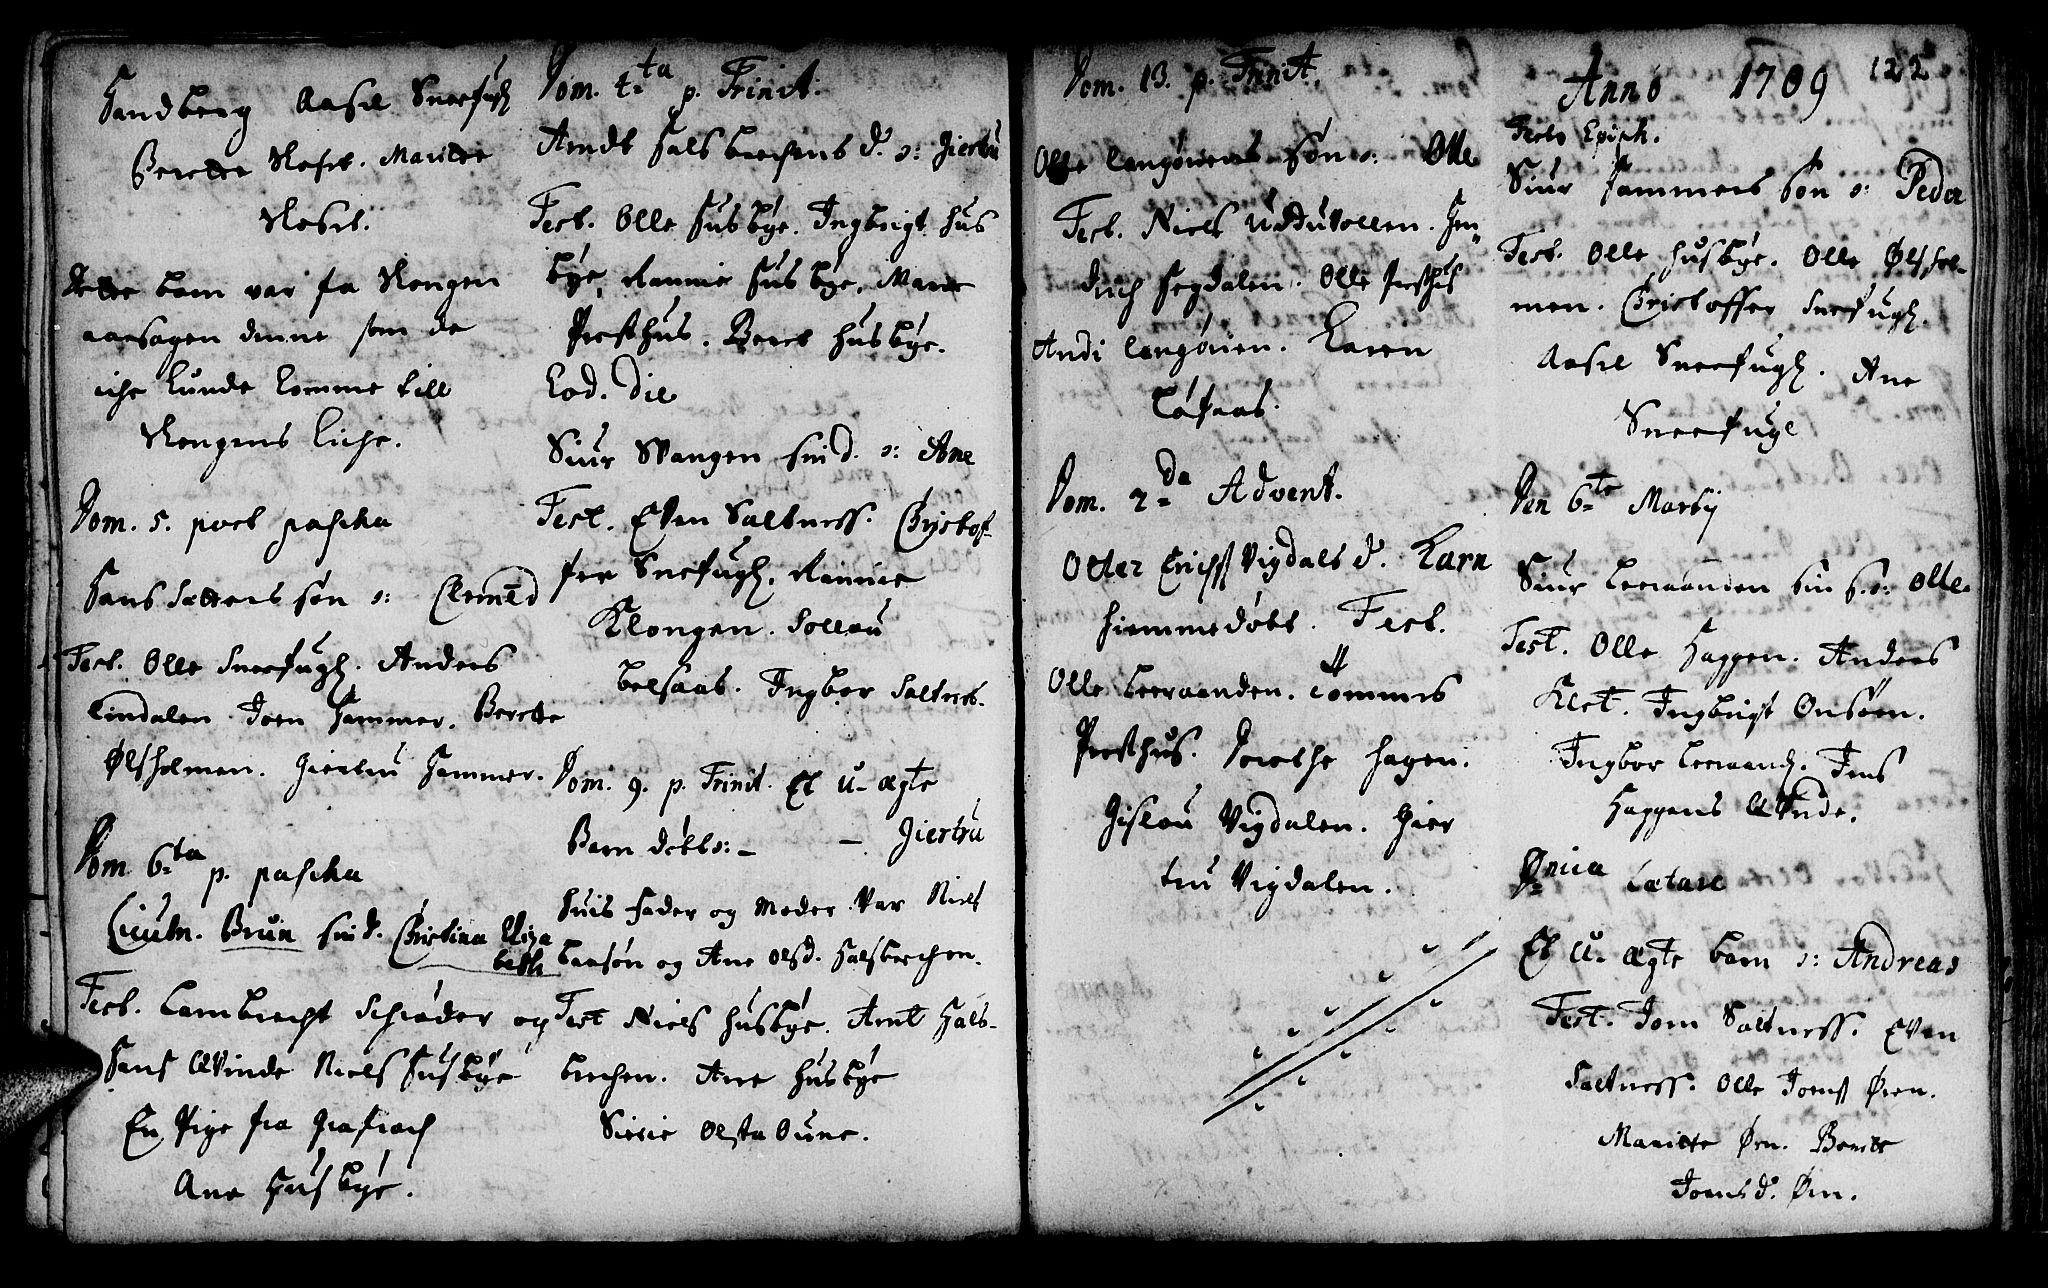 SAT, Ministerialprotokoller, klokkerbøker og fødselsregistre - Sør-Trøndelag, 666/L0783: Ministerialbok nr. 666A01, 1702-1753, s. 122